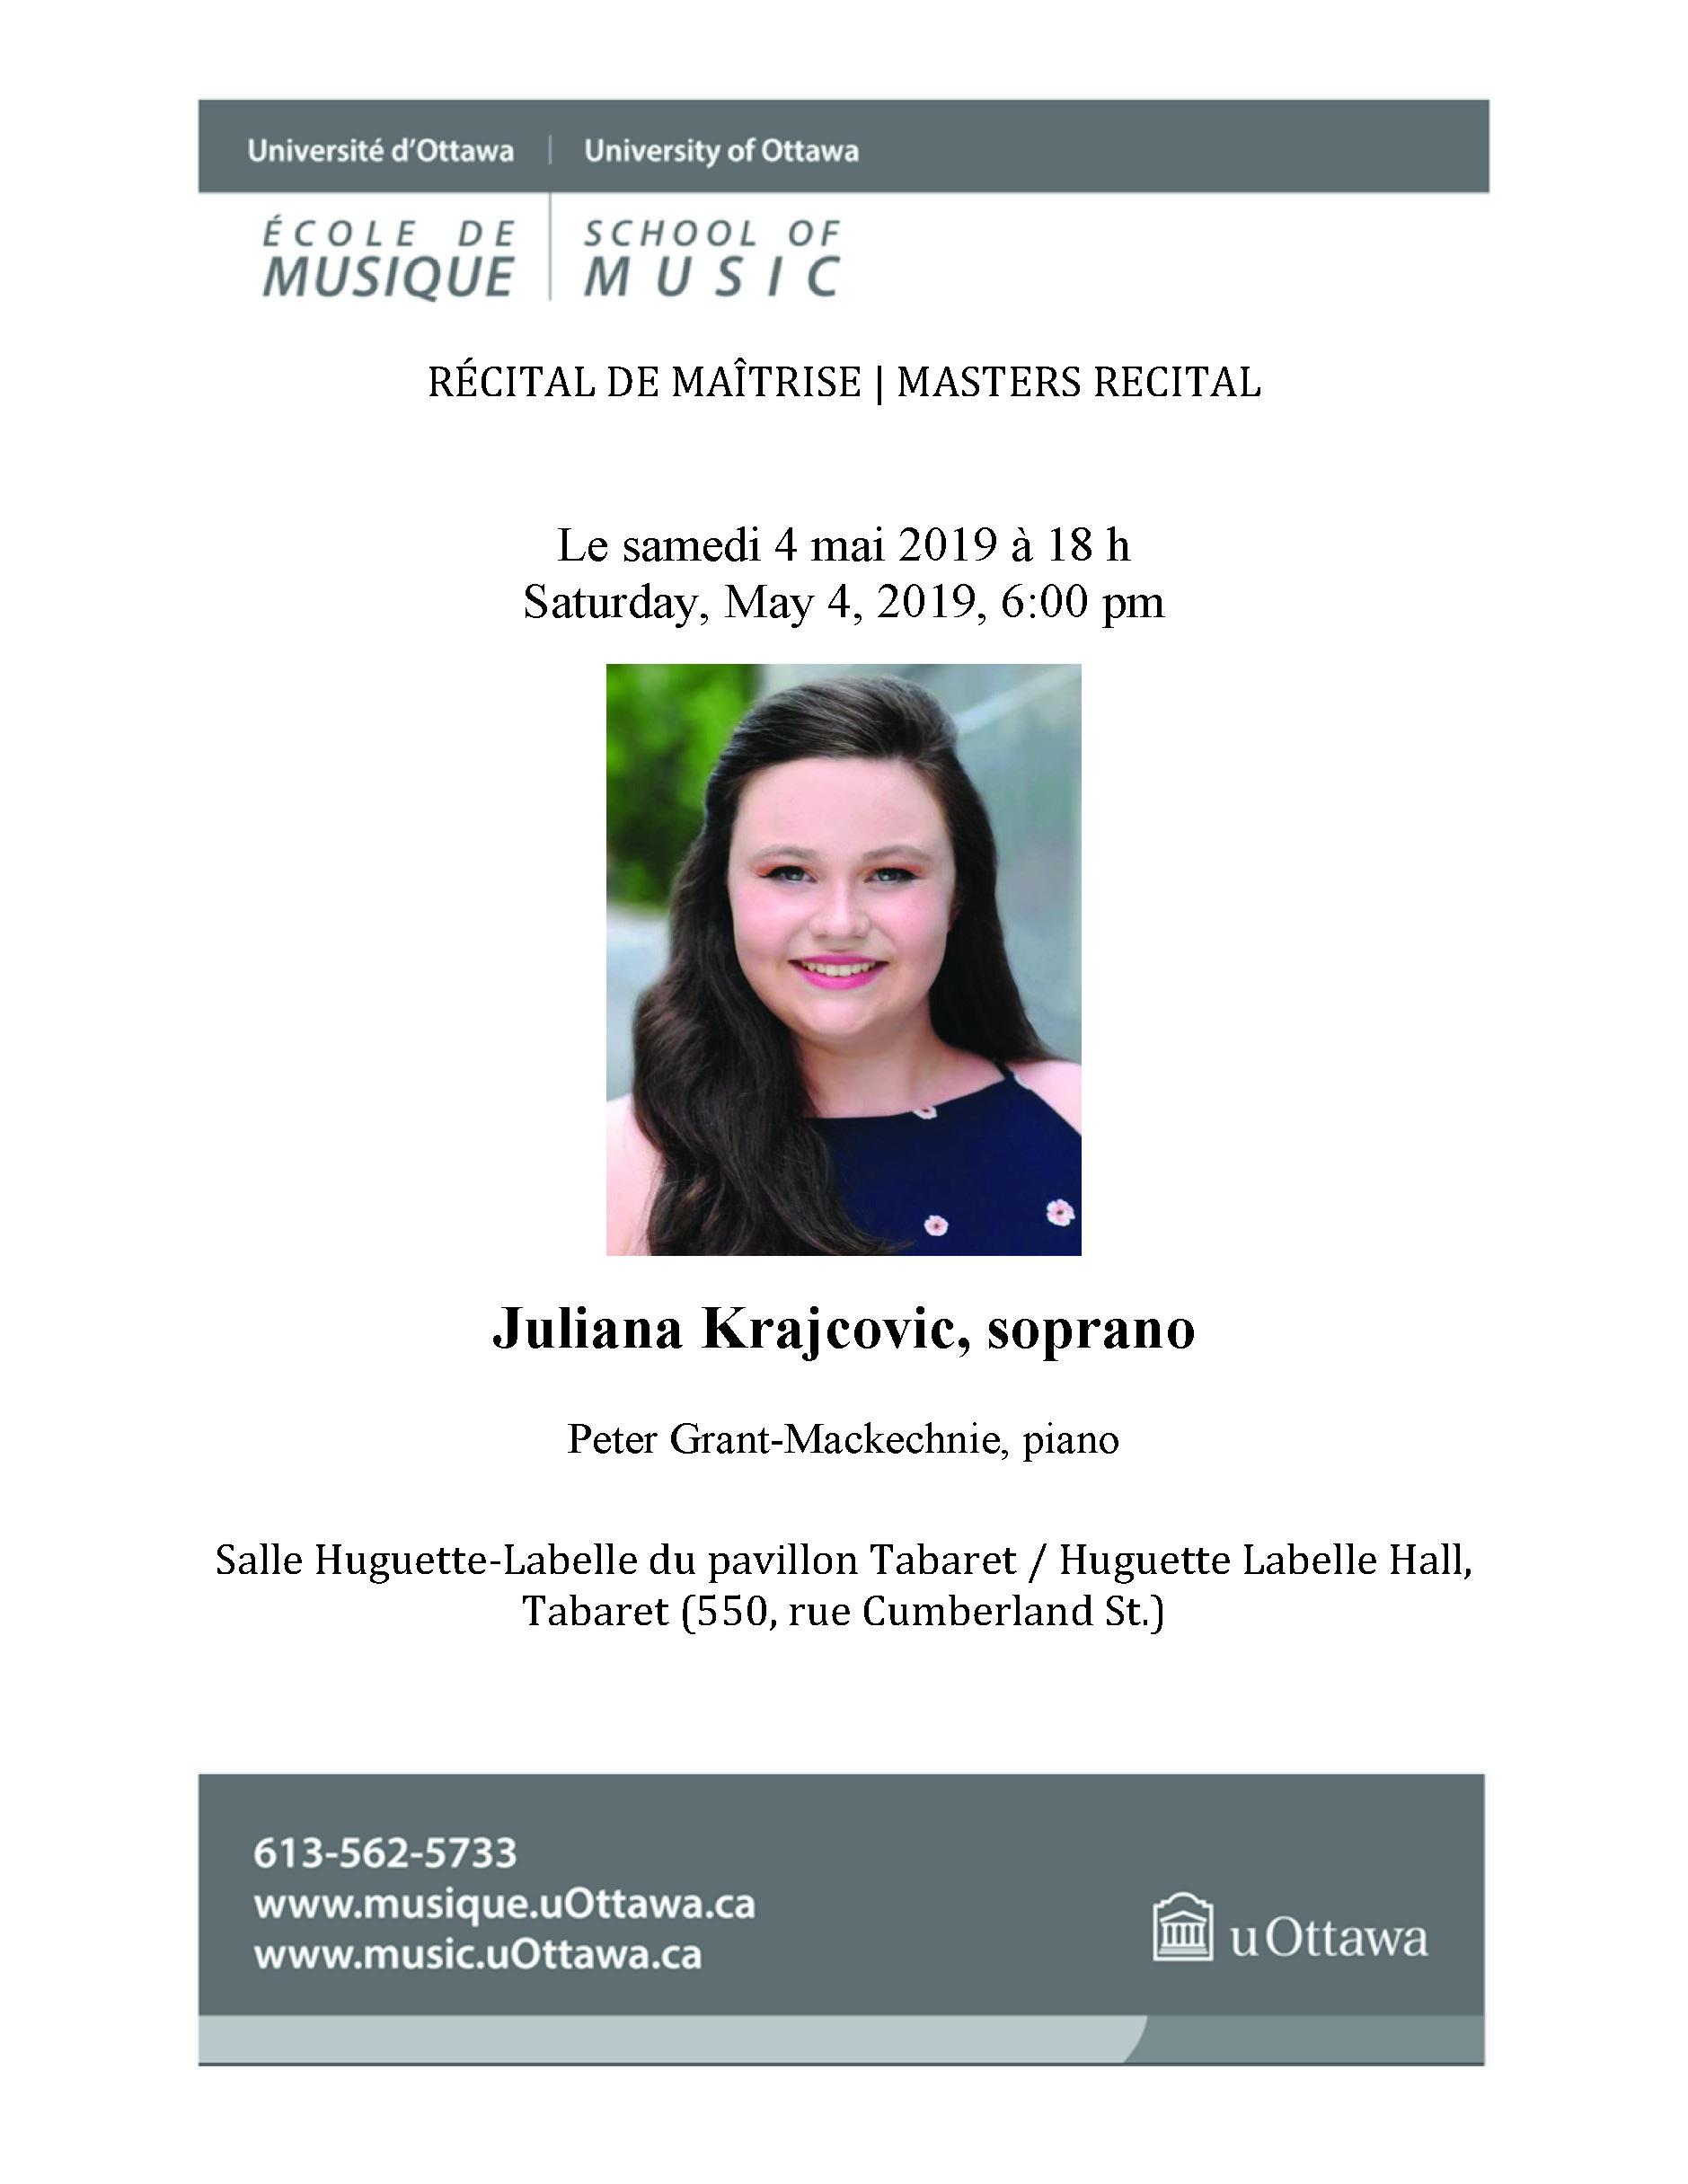 Recital program for Juliana Krajcovic, p. 1